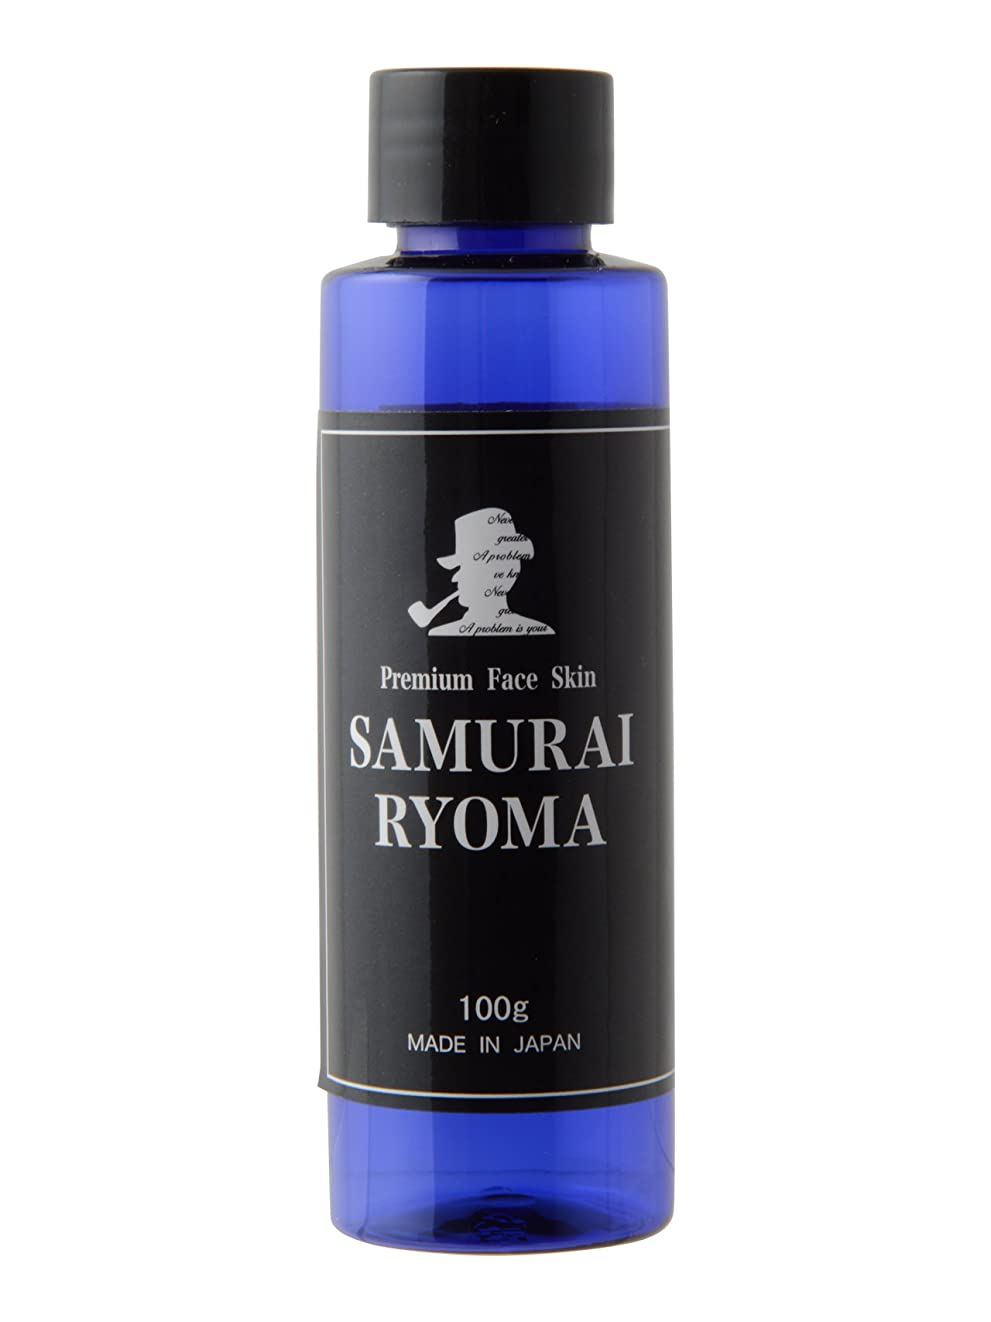 ホイスト刺します誕生サムライ リョウマ (SAMURAI RYOMA) オールインワン 化粧水 & アフターシェーブローション メンズ スキンケア 男性 用